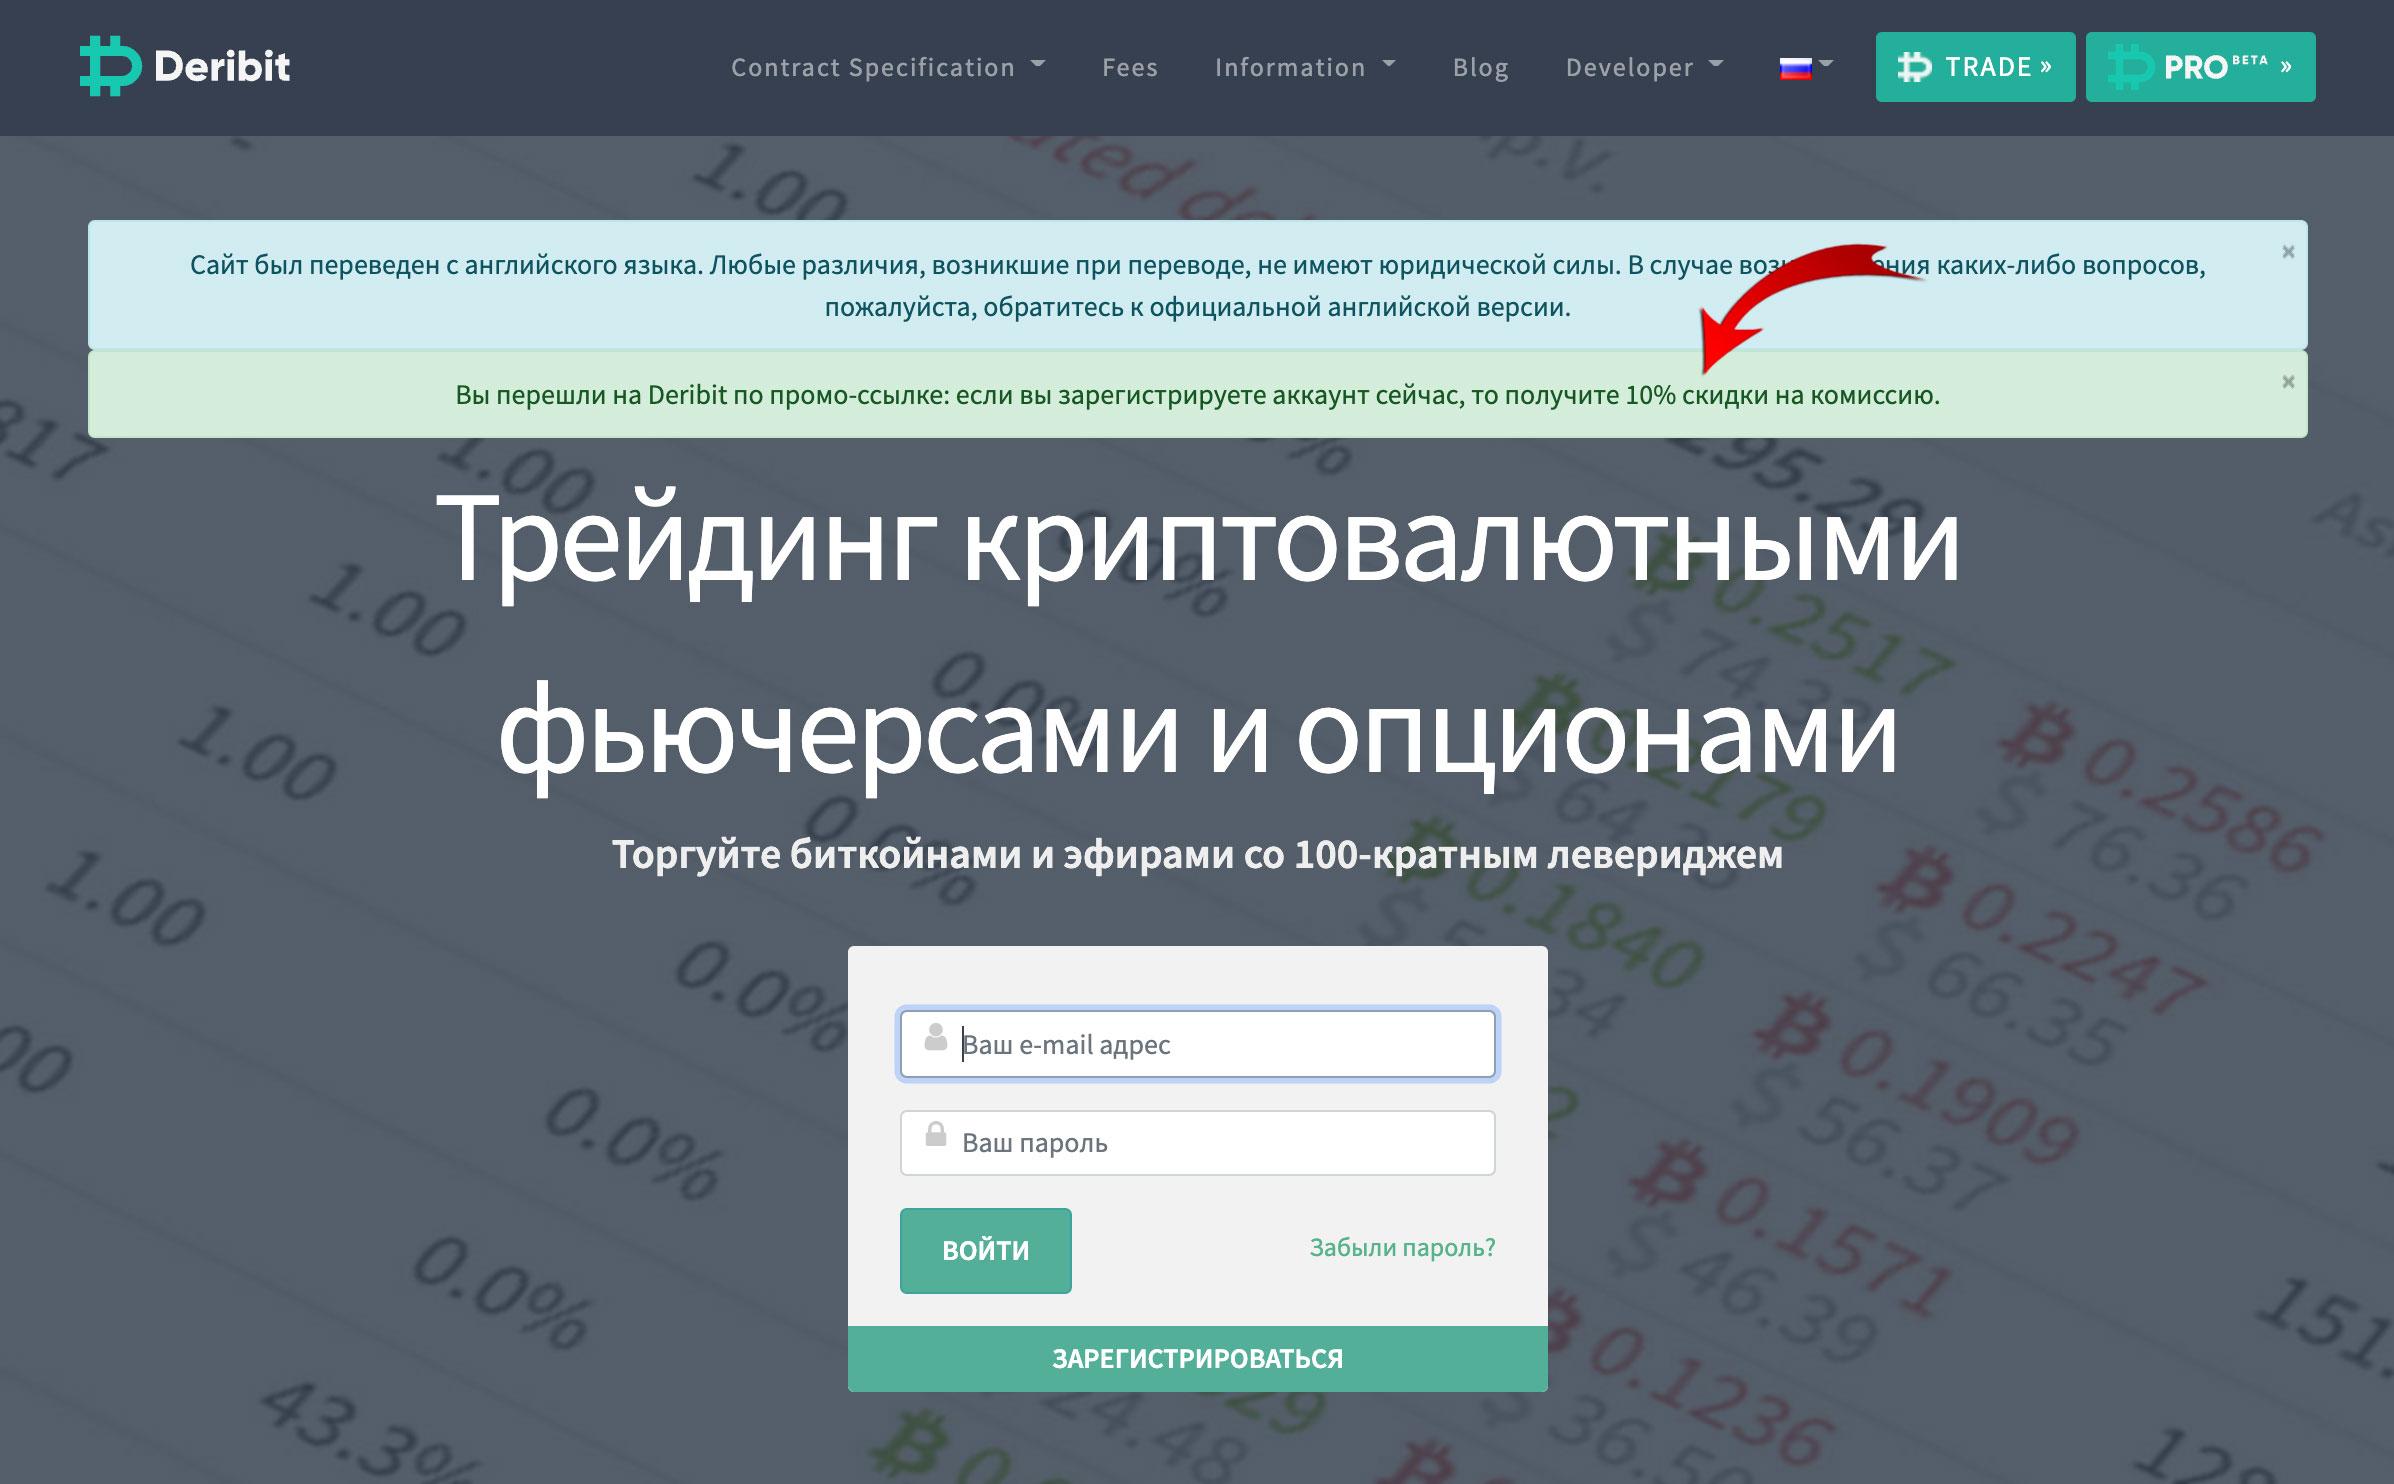 deribit регистрация аккаунта скидка на комиссию